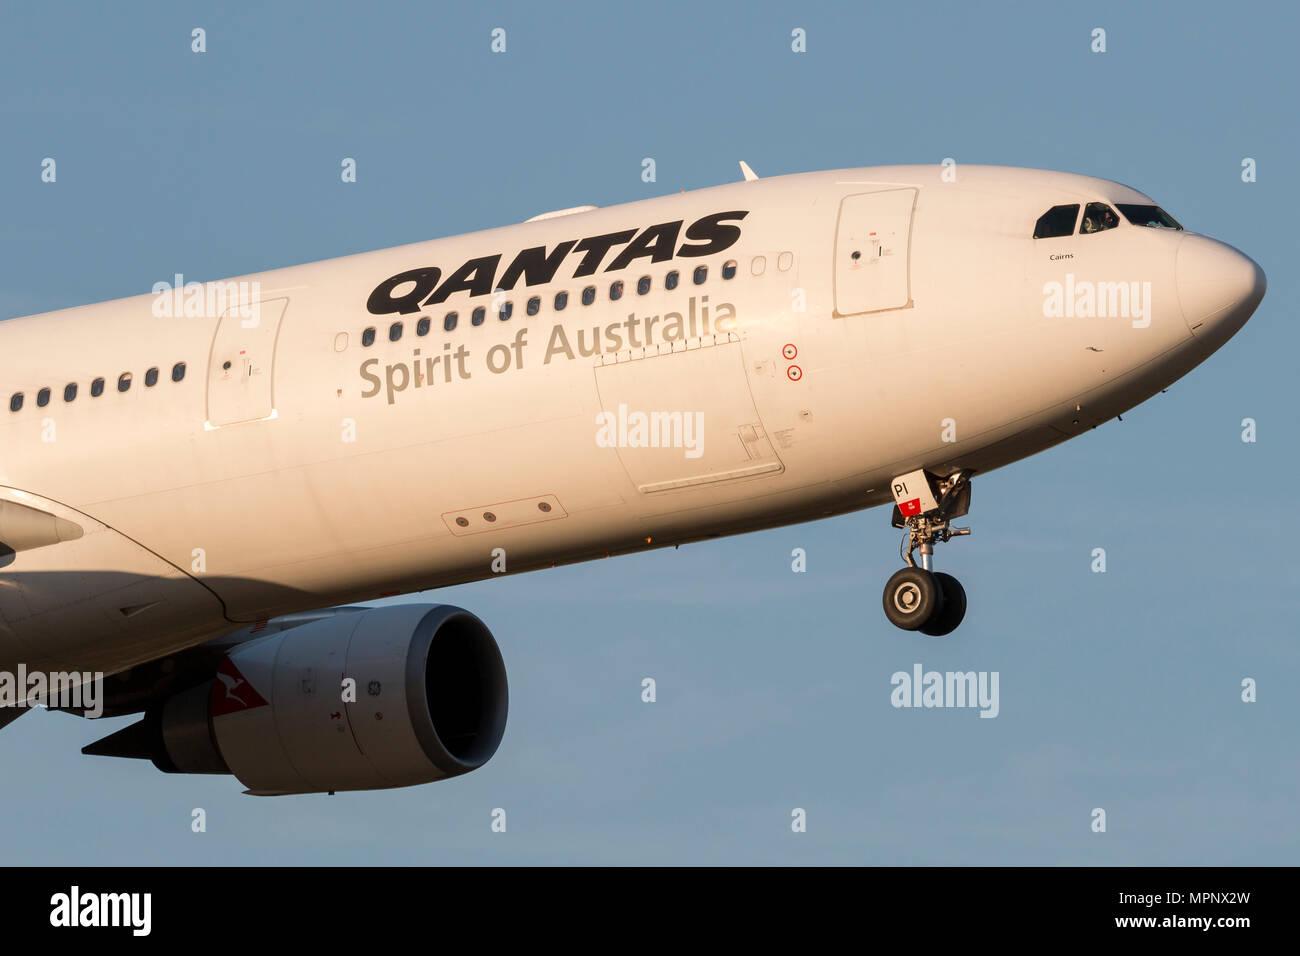 Qantas Airbus A330-303 aereo di linea VH-QPI sull approccio per atterrare all'Aeroporto Internazionale di Melbourne. Immagini Stock